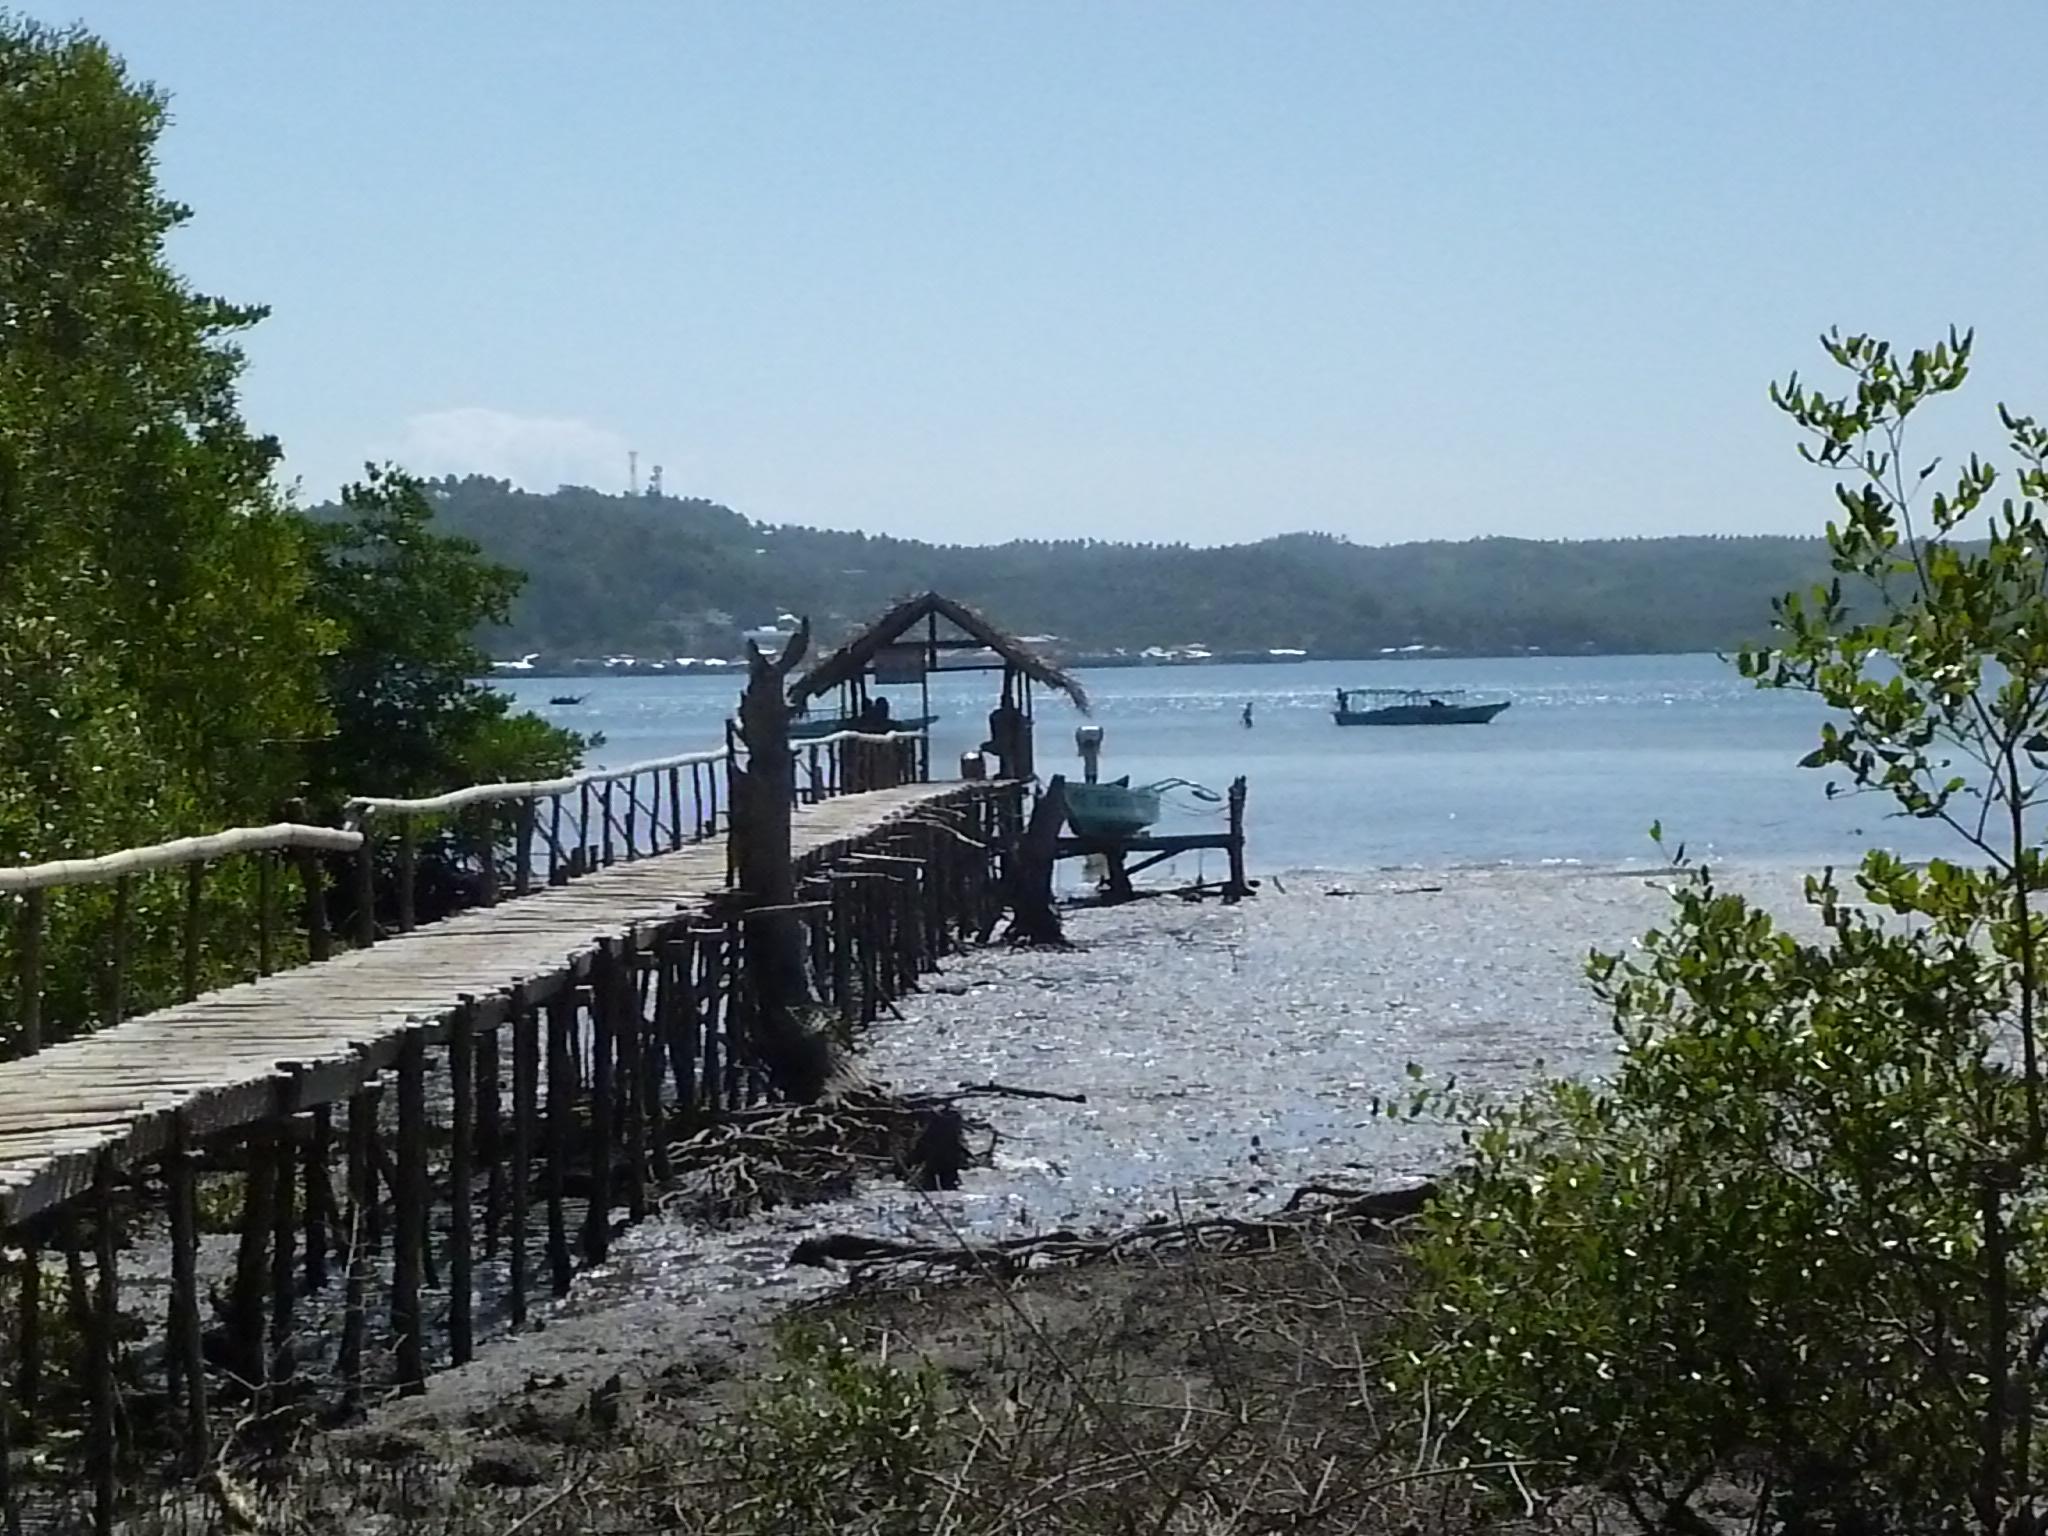 notre navette nous deposera à ce petit ponton, il faut parcourir les derniers mètres à pied dans l'eau